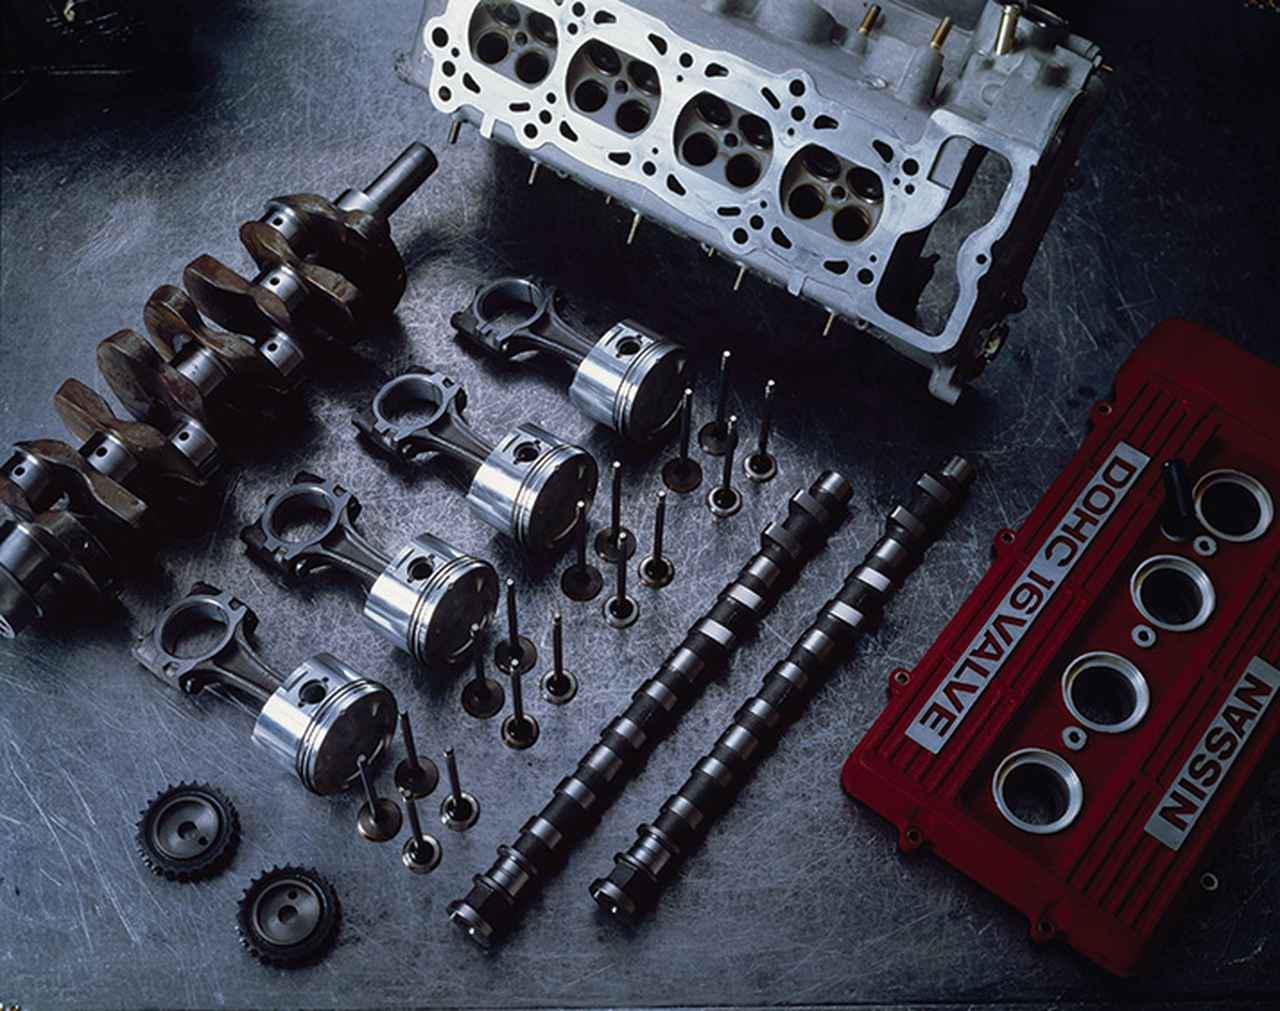 画像: 機能美のあふれるFJ20Eエンジンの主要コンポーネンツ。16本の吸排気バルブは高性能の証だ。